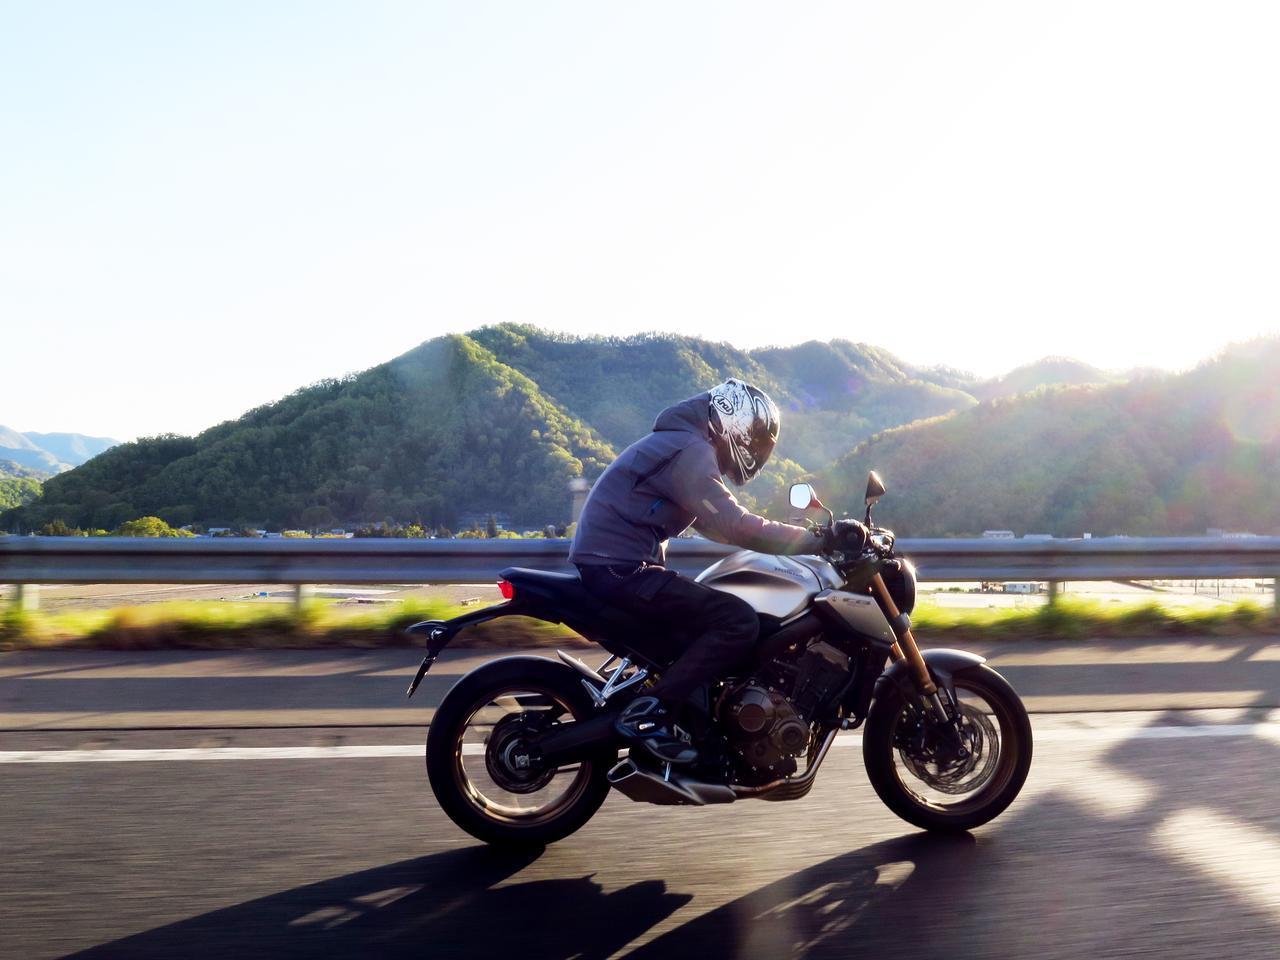 画像: 650ccで96万円はちょっと割高?だけど最終的にCB650Rはコスパが良い!【ホンダオールすごろく/第27回 CB650R】 - A Little Honda | ア・リトル・ホンダ(リトホン)